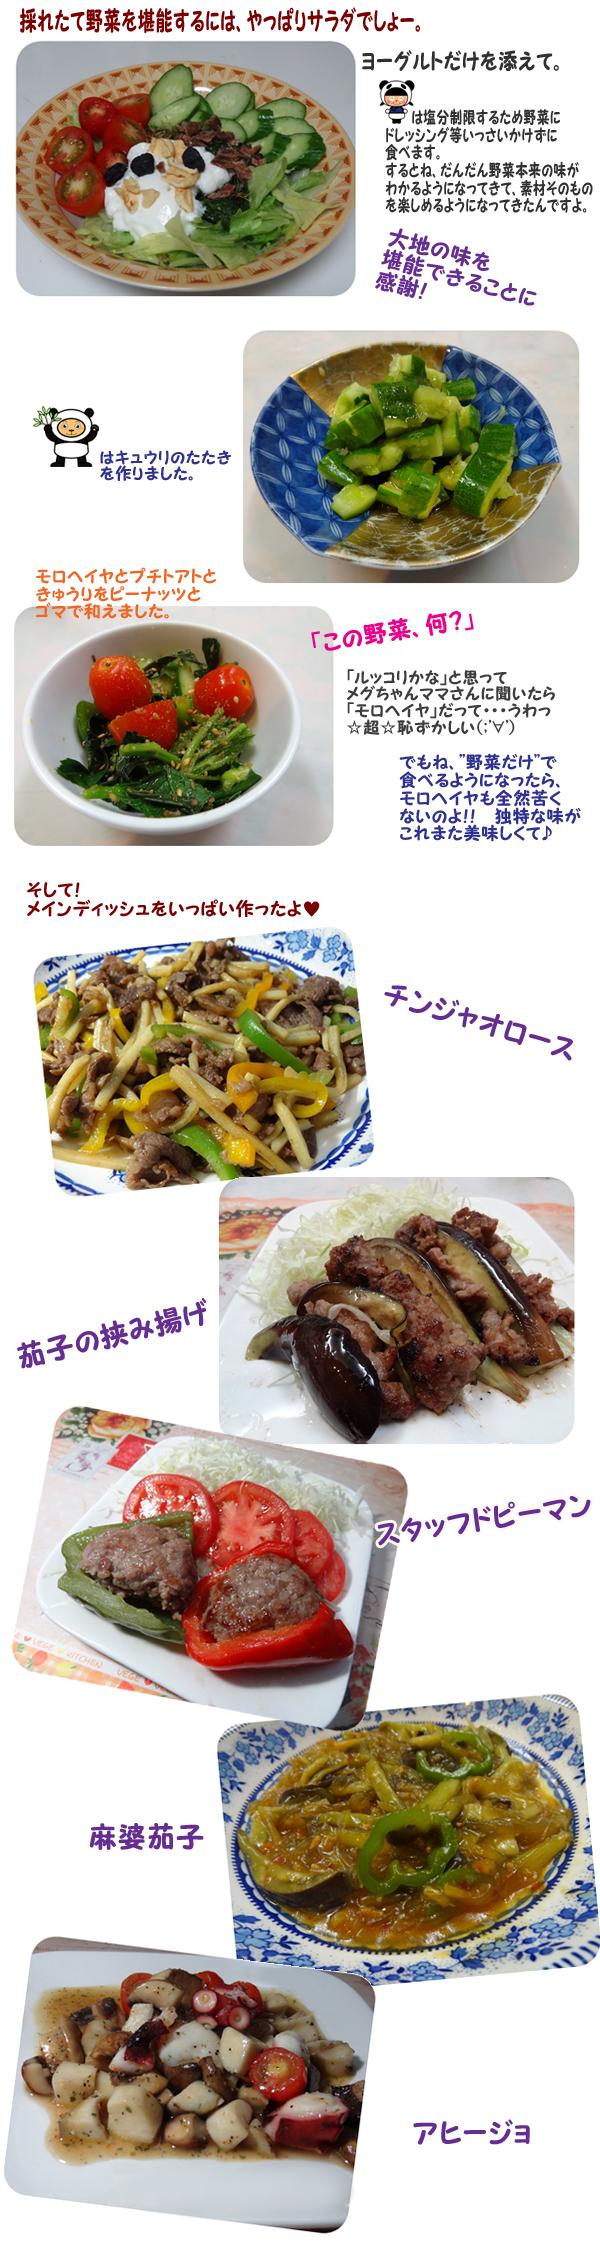 夏野菜でお料理 のコピー